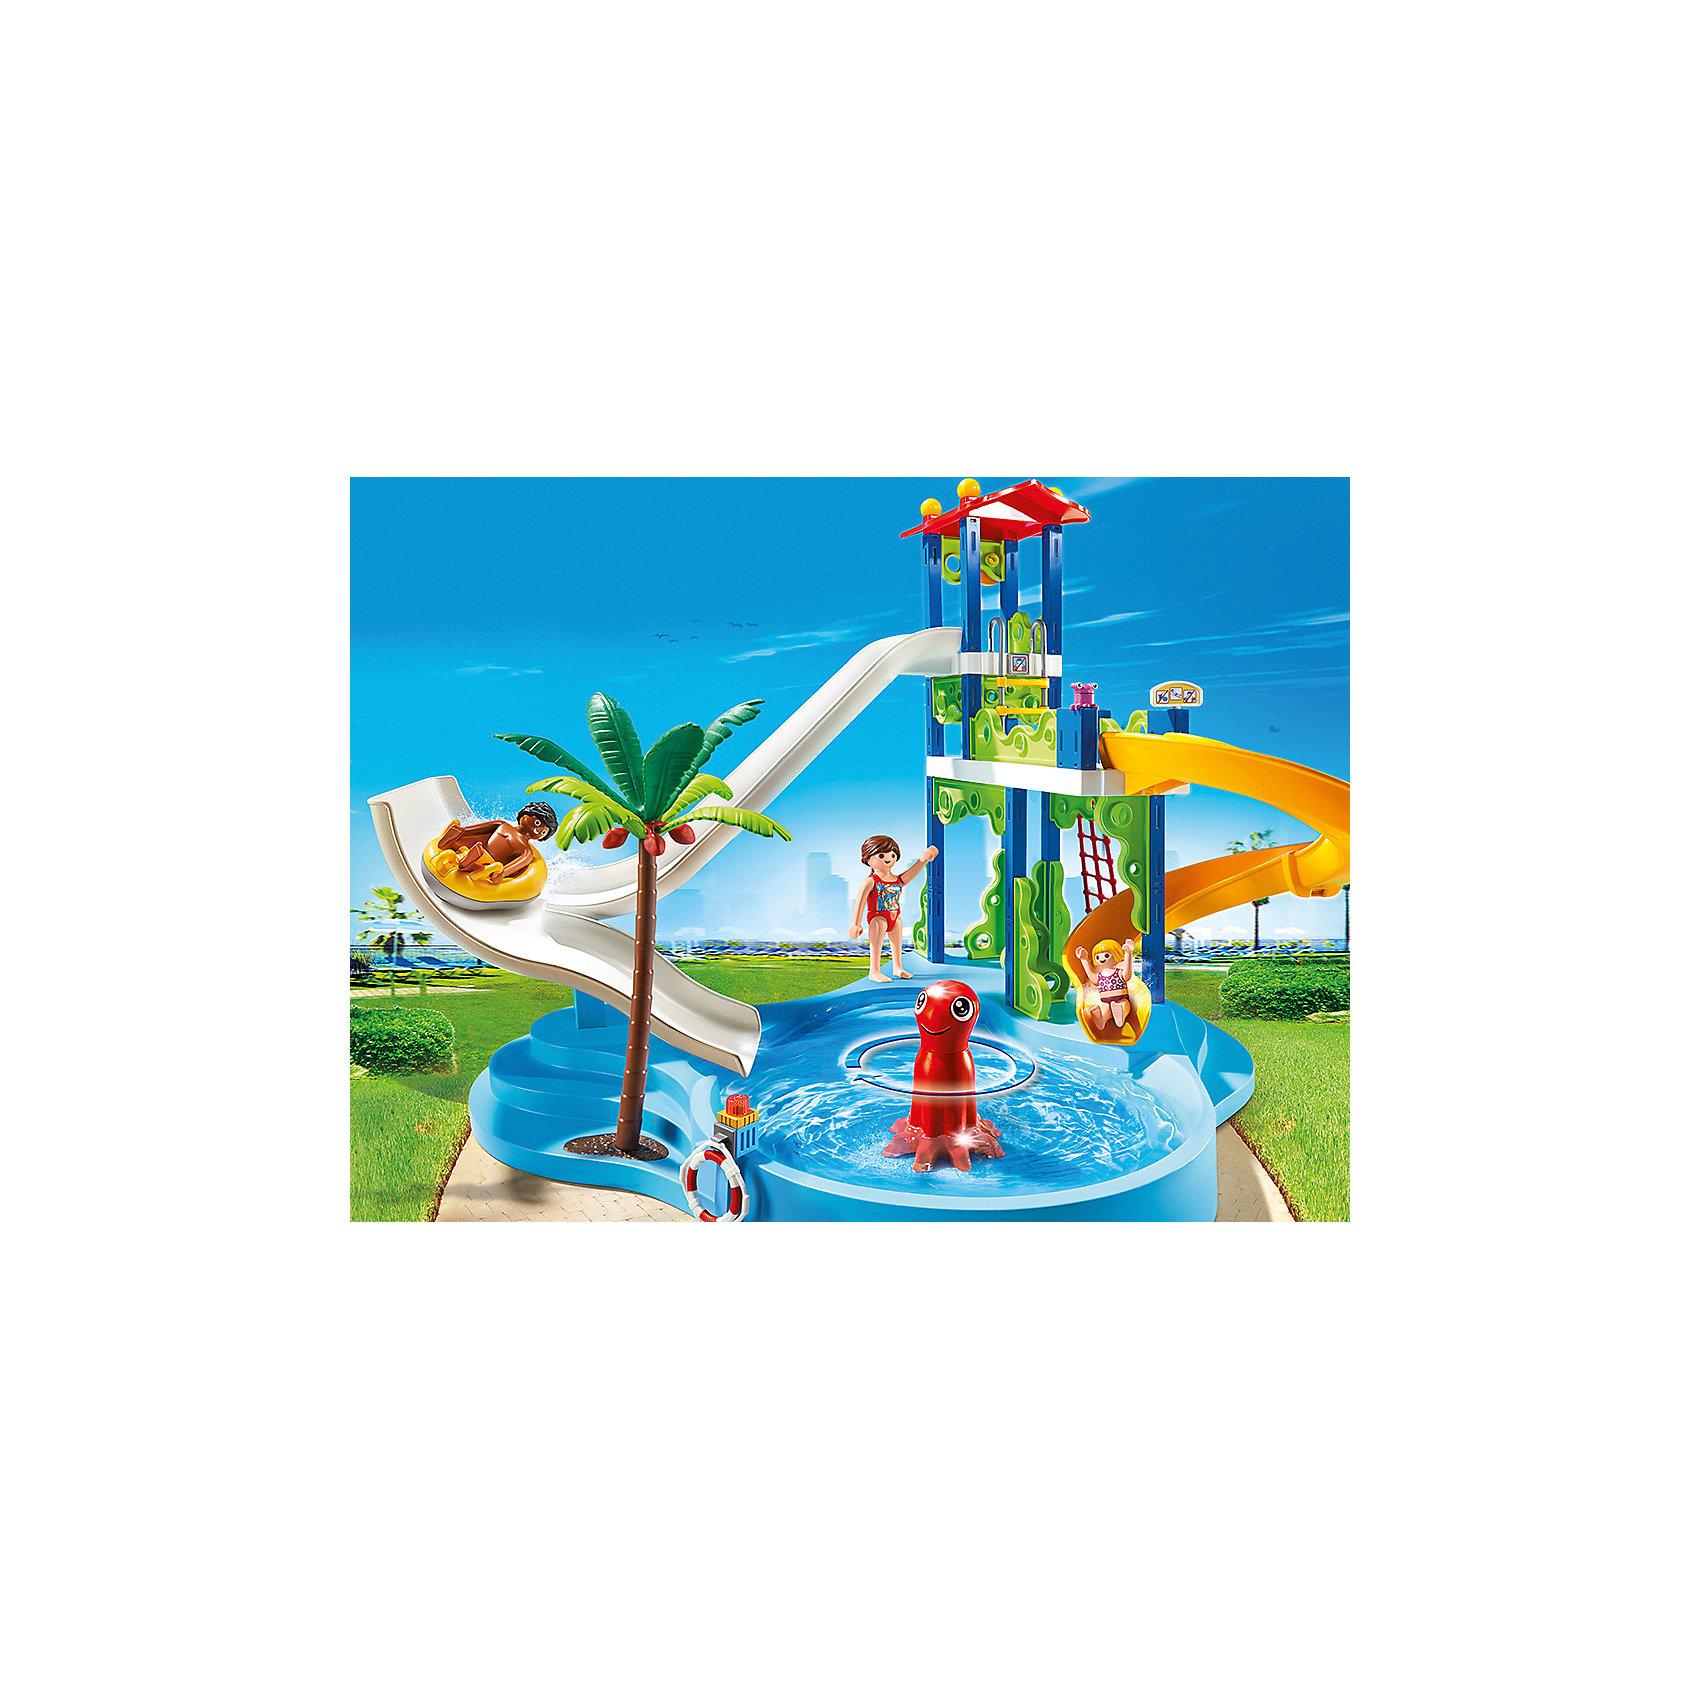 Аквапарк: Башня с горками, PLAYMOBILС этим замечательным набором ты попадешь в настоящий аквапарк! Прокатись на крутых горках. Можно кататься на рафтинге с большой горки, а еще можно спуститься со спиральной горки на большой скорости. Забраться наверх можно по веревочной лестнице, а рафтинг поднять специальным подъемником. В этом аквапарке не будет скучно. Так как спуск с горки на рафтинге может представлять опасность, на горке установлен светофор в виде осьминожки. Если горит зеленый цвет - можно катиться, а если красный - подождите, кто-то спускается перед вами.<br>В центре бассейна можно установить фигурку осьминога. Вращайте его и получится водоворот и волны, которые так любят дети. В наборе - 3 фигурки посетителей: 2 взрослых и ребенок. Все детали прекрасно проработаны и выполнены из высококачественного экологичного пластика безопасного для детей. Играть с таким набором не только приятно и интересно - подобные виды игры развивают мелкую моторику, воображение, творческое мышление.<br><br>Дополнительная информация:<br><br>- 3 фигурки в наборе. <br>- Комплектация: 3 фигурки, бассейн, 2 горки, пальма, аксессуары. <br>- Материал: пластик.<br>- Размер игрушки: 55 x 40 x 40 см.<br>- Высота фигурки: 7,5 см.<br>- Высота фигурки ребенка: 5,5 см. <br>- Голова, руки, ноги у фигурок подвижные.<br><br>Набор Аквапарк: Башня с горками, PLAYMOBIL (Плеймобил), можно купить в нашем магазине.<br><br>Ширина мм: 521<br>Глубина мм: 388<br>Высота мм: 147<br>Вес г: 1836<br>Возраст от месяцев: 48<br>Возраст до месяцев: 120<br>Пол: Унисекс<br>Возраст: Детский<br>SKU: 3786434